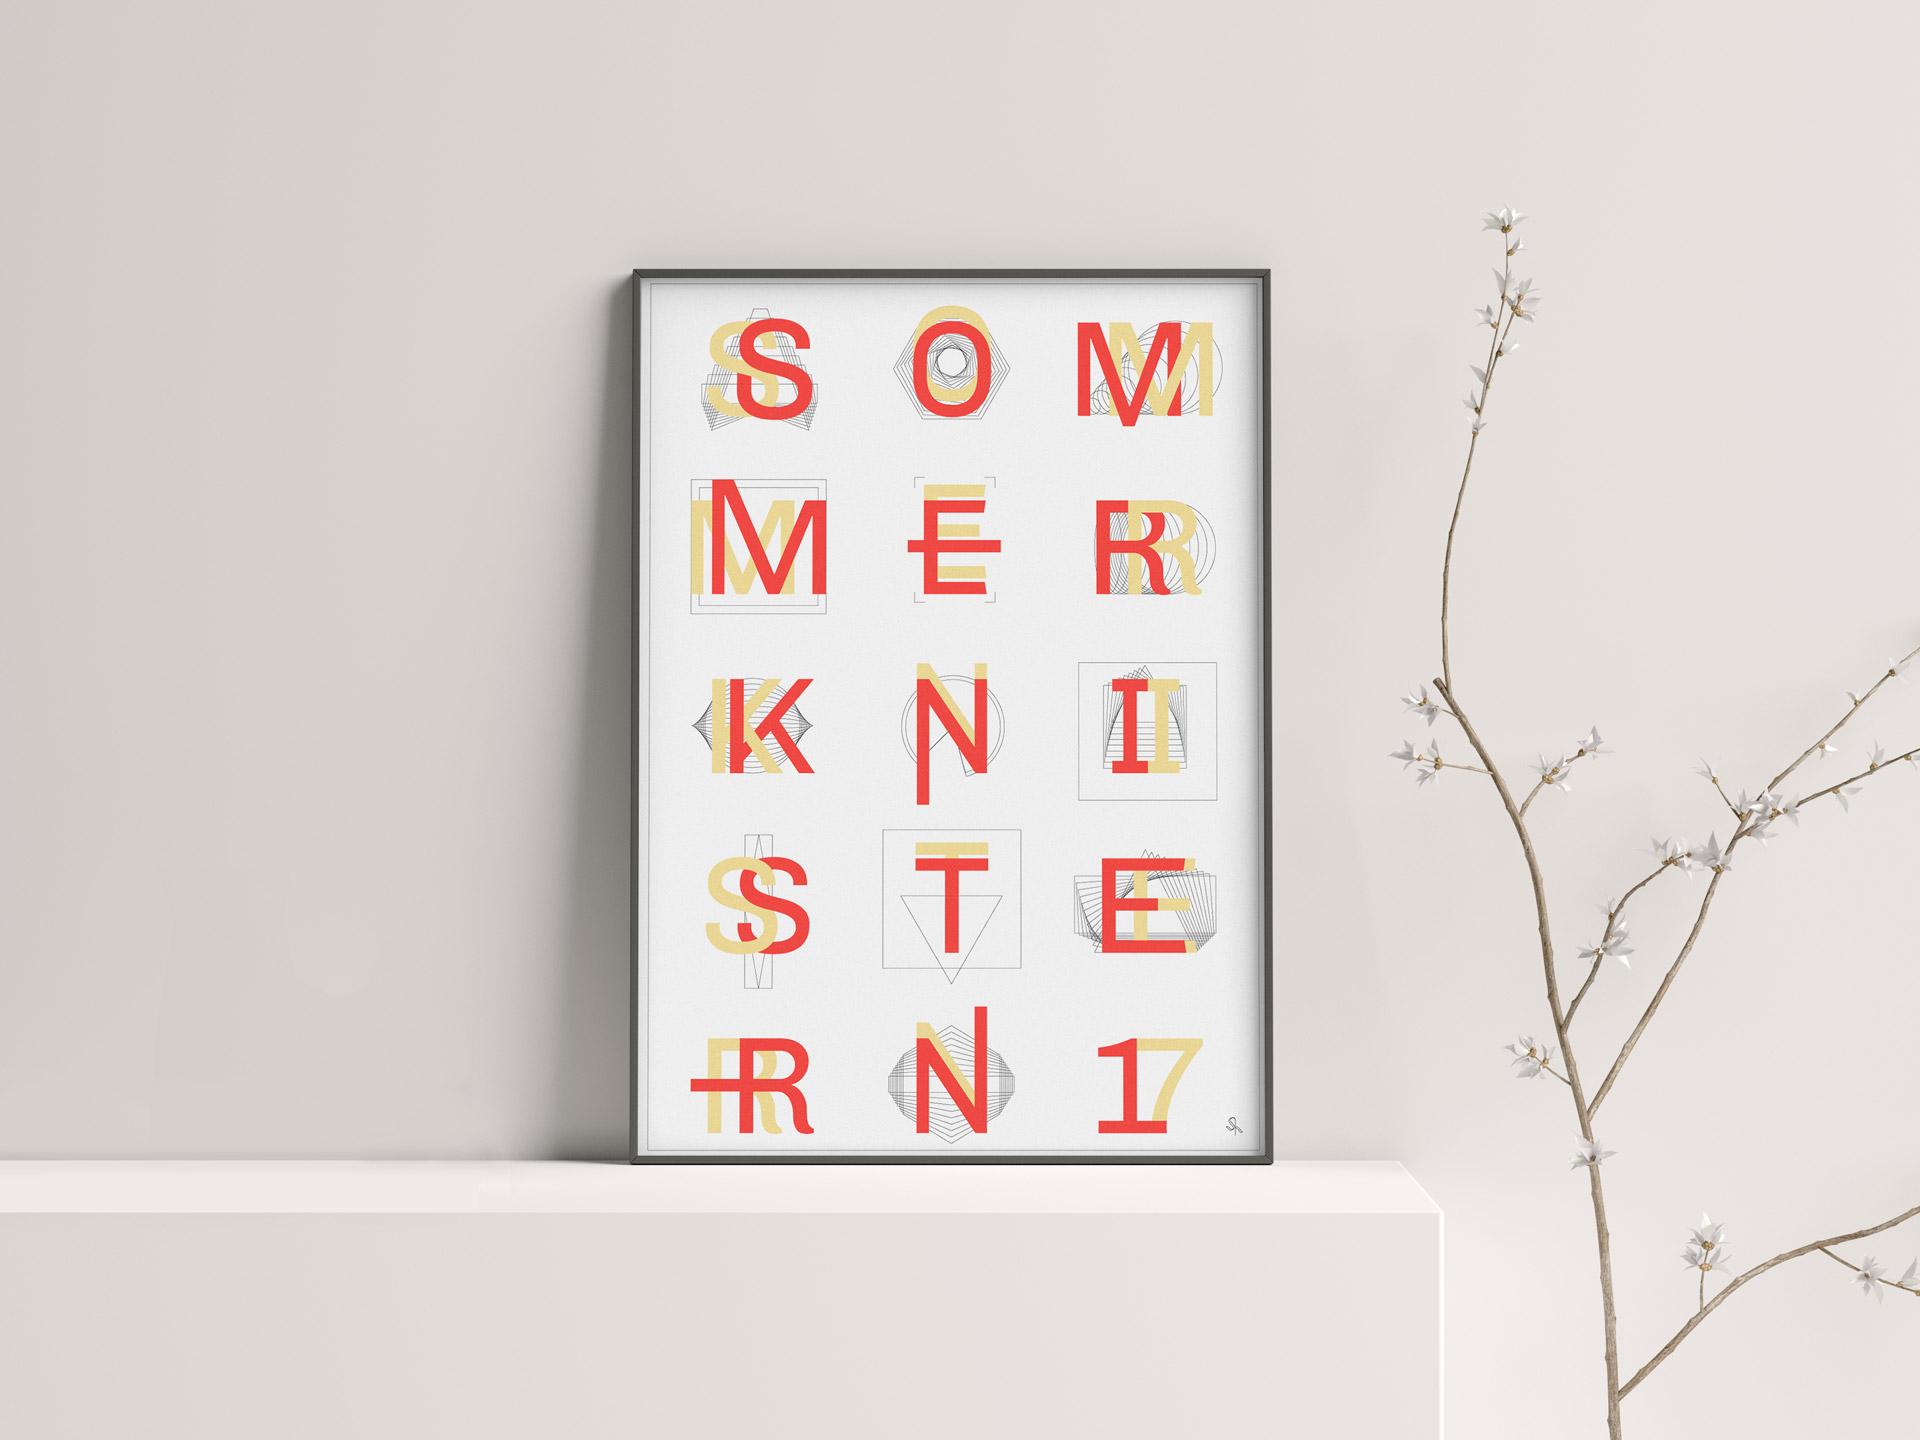 Sommerknistern FrameMockup 001 1